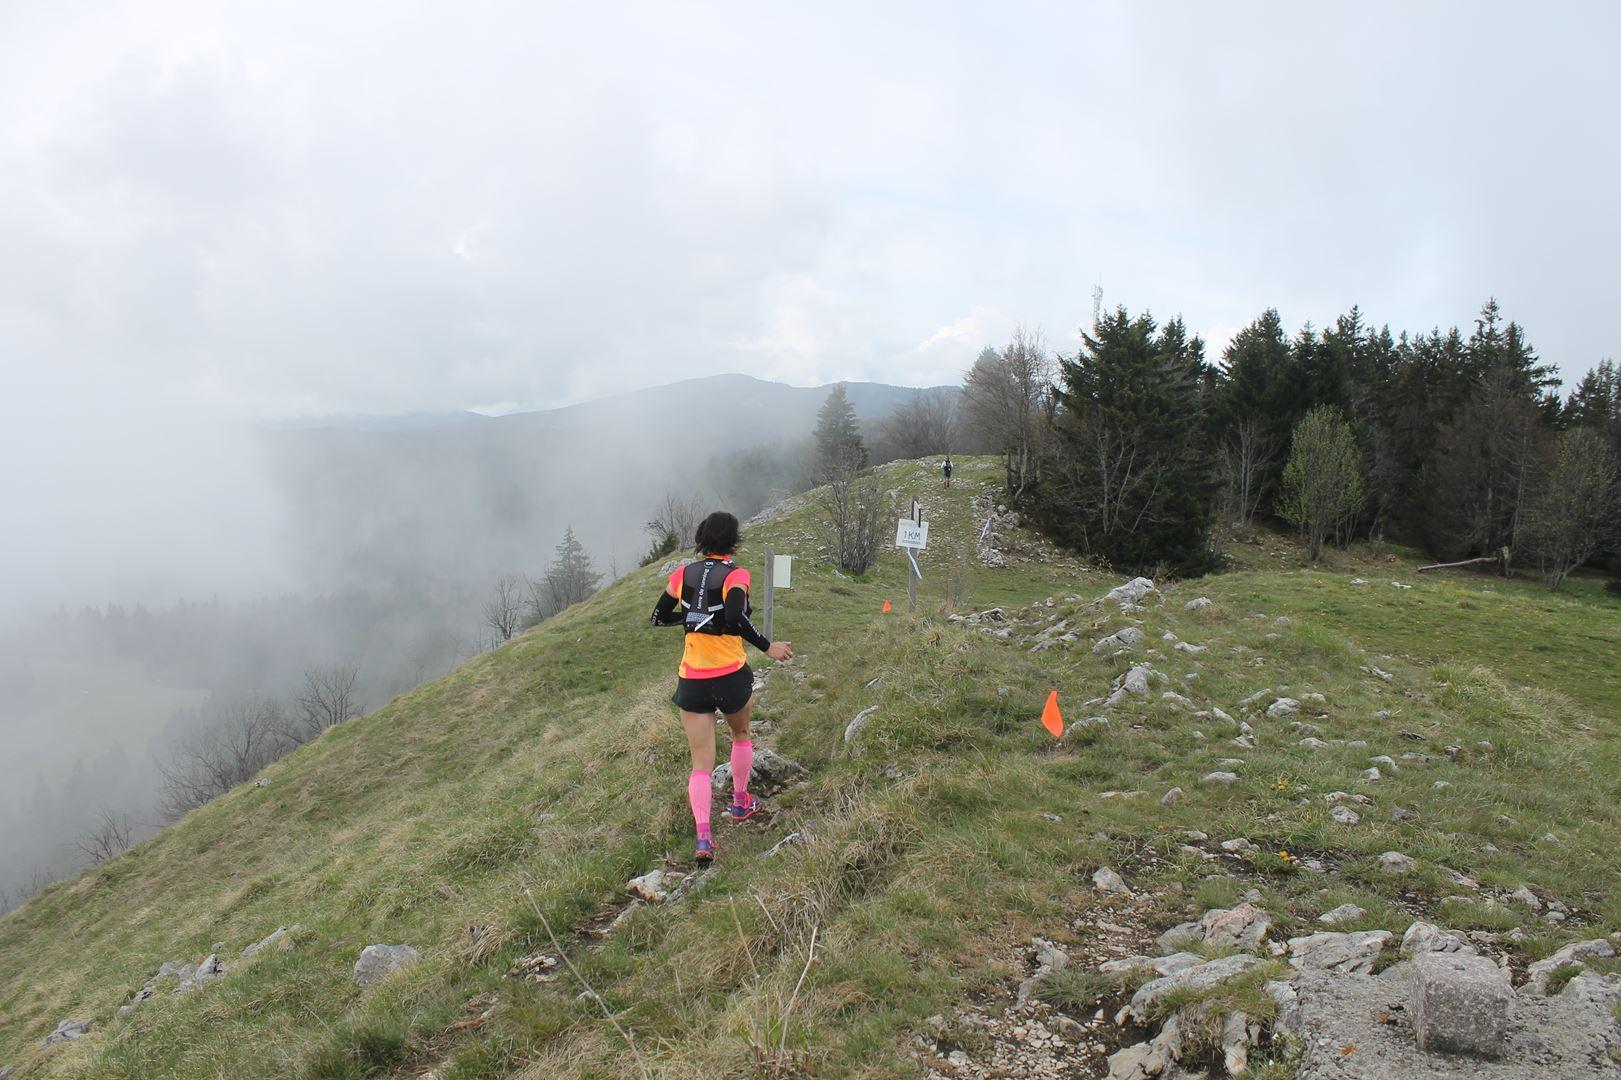 stéphanie duc 1ère du 40km de dos - RESULTATS ET PHOTOS DU TRAIL BE RUN - DUINGT (74)-AIX LES BAINS (73) - 14-05-2017